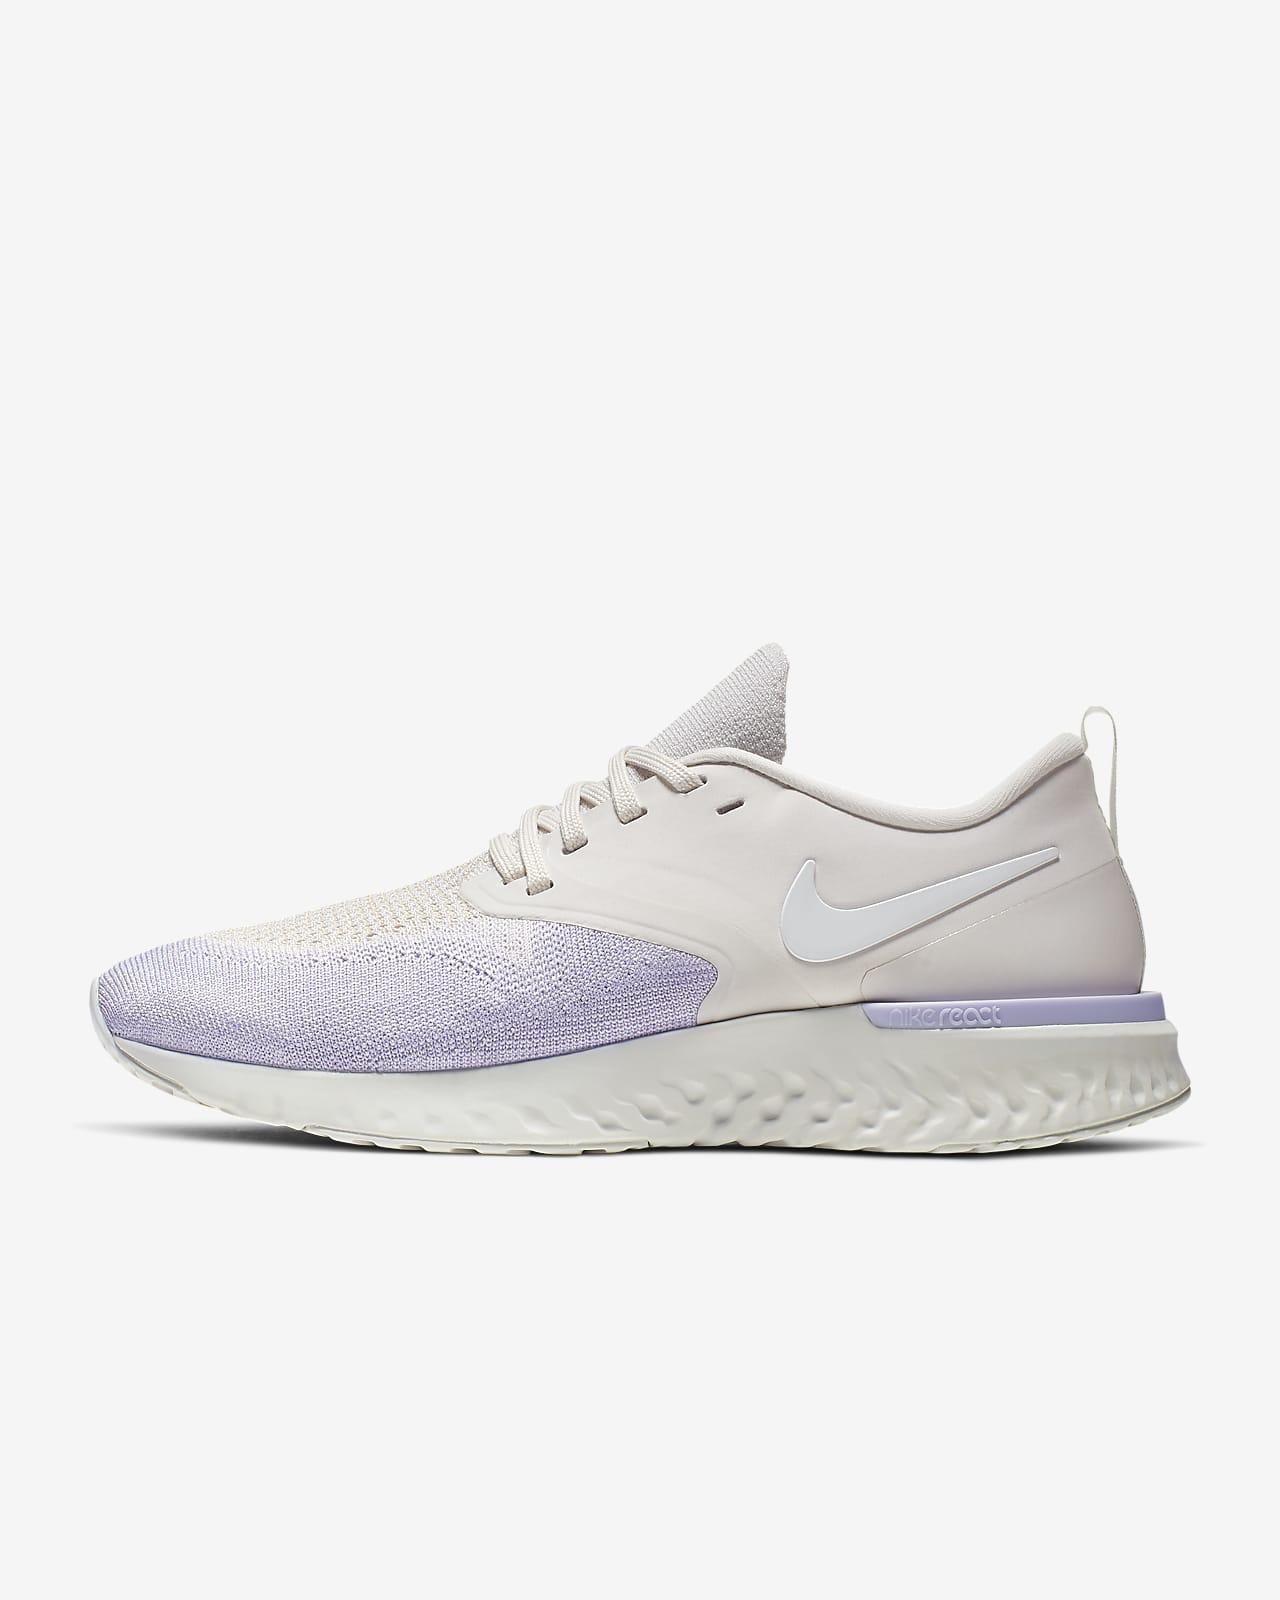 Nike Odyssey React Flyknit 2 Women's